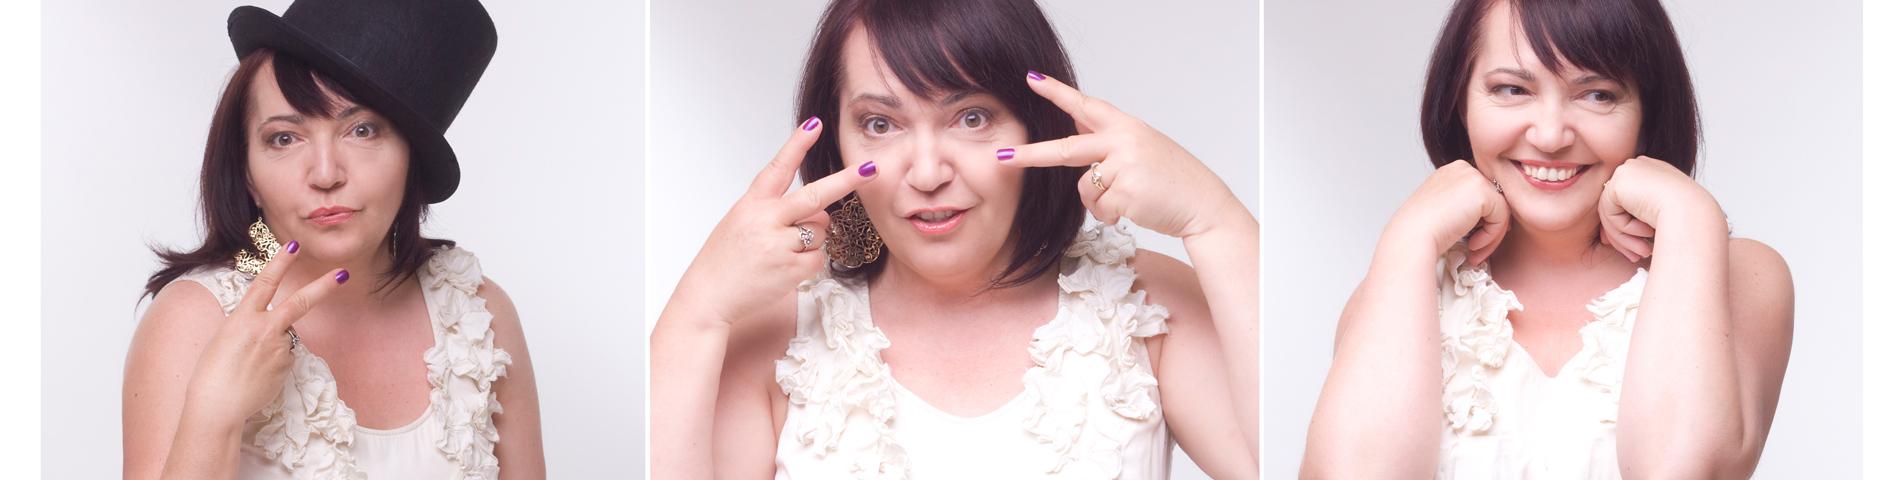 stílustanácsadás nőknek stílus kommunikációs tóth zsuzsi smink